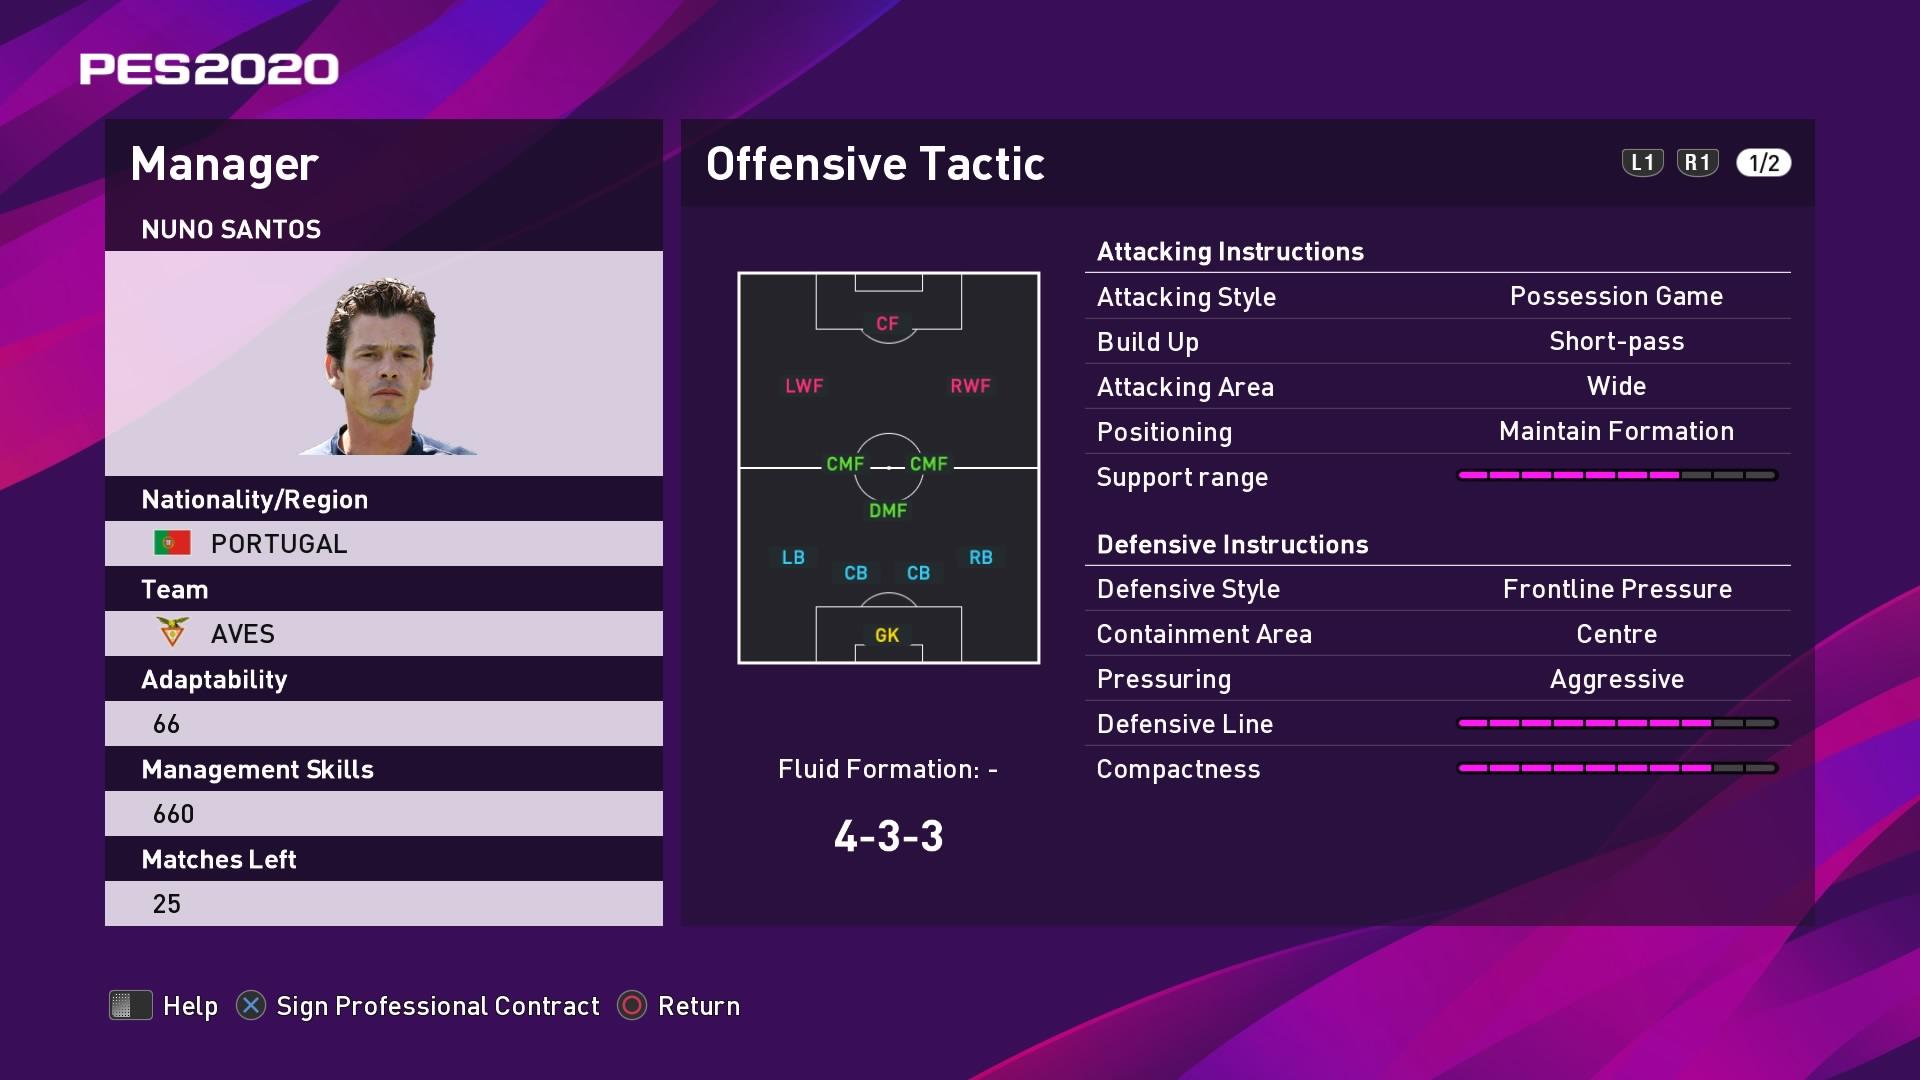 Nuno Santos Offensive Tactic in PES 2020 myClub